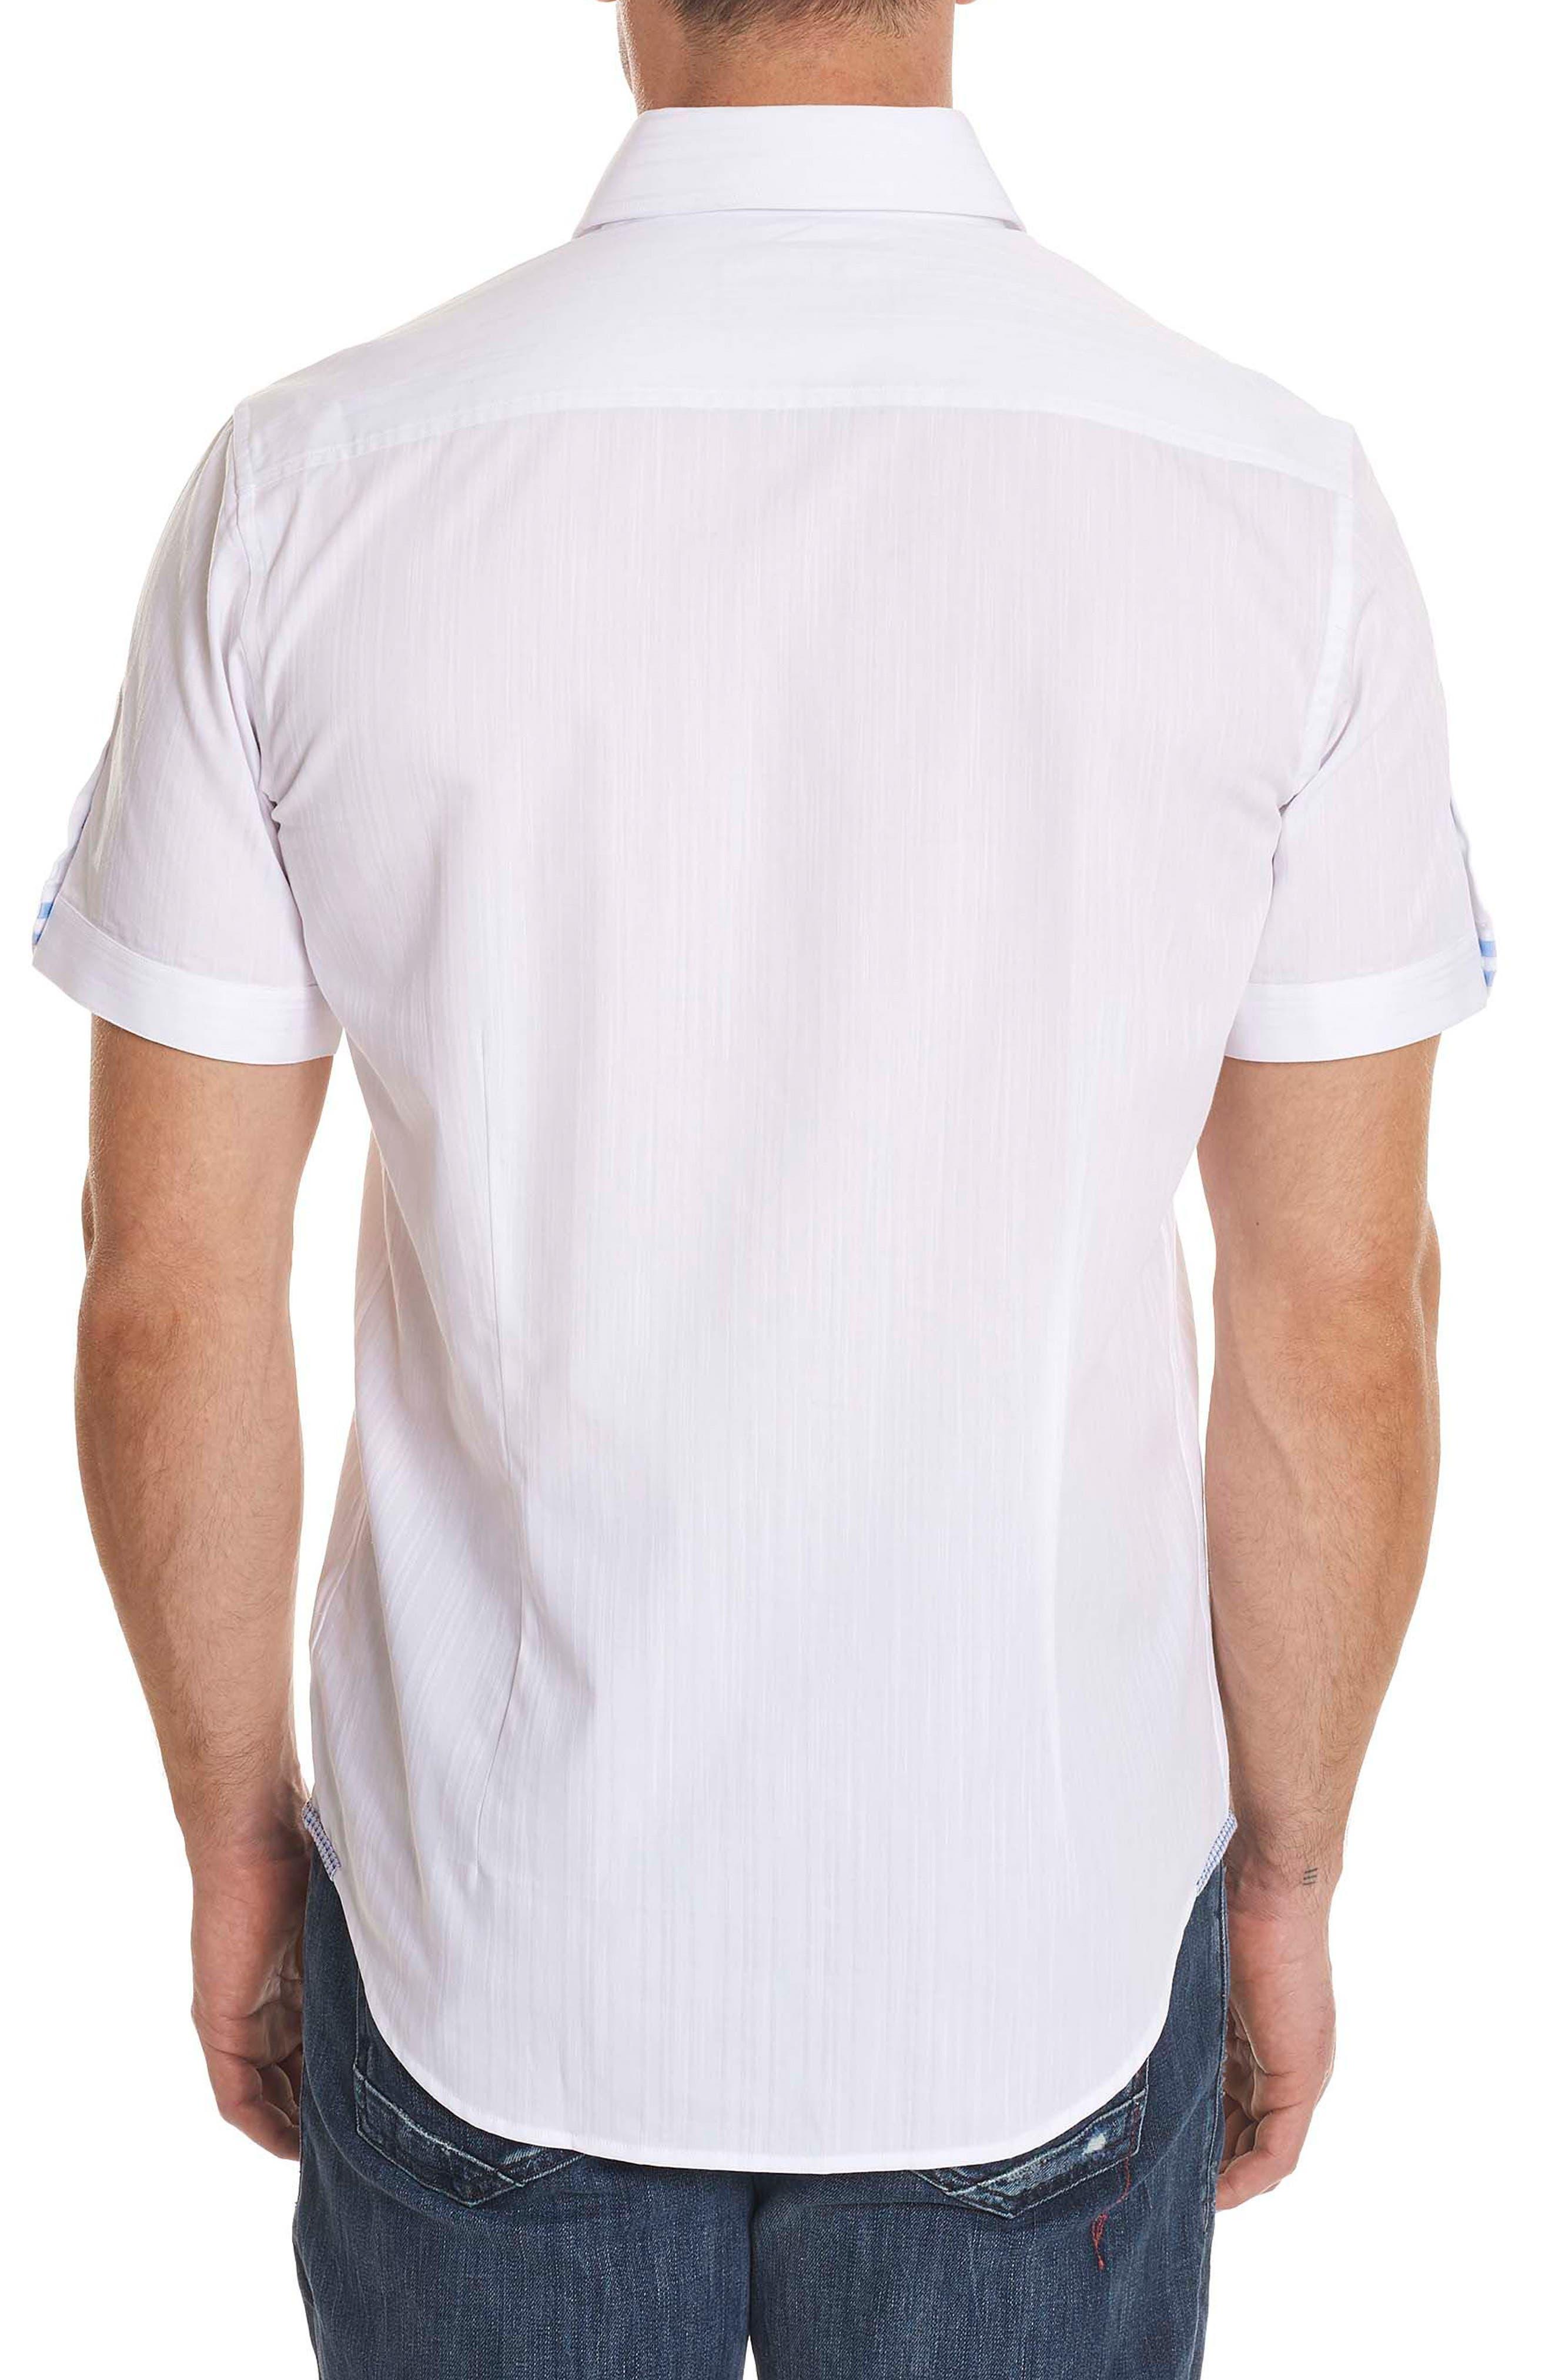 Livingston Regular Fit Short Sleeve Sport Shirt,                             Alternate thumbnail 2, color,                             100